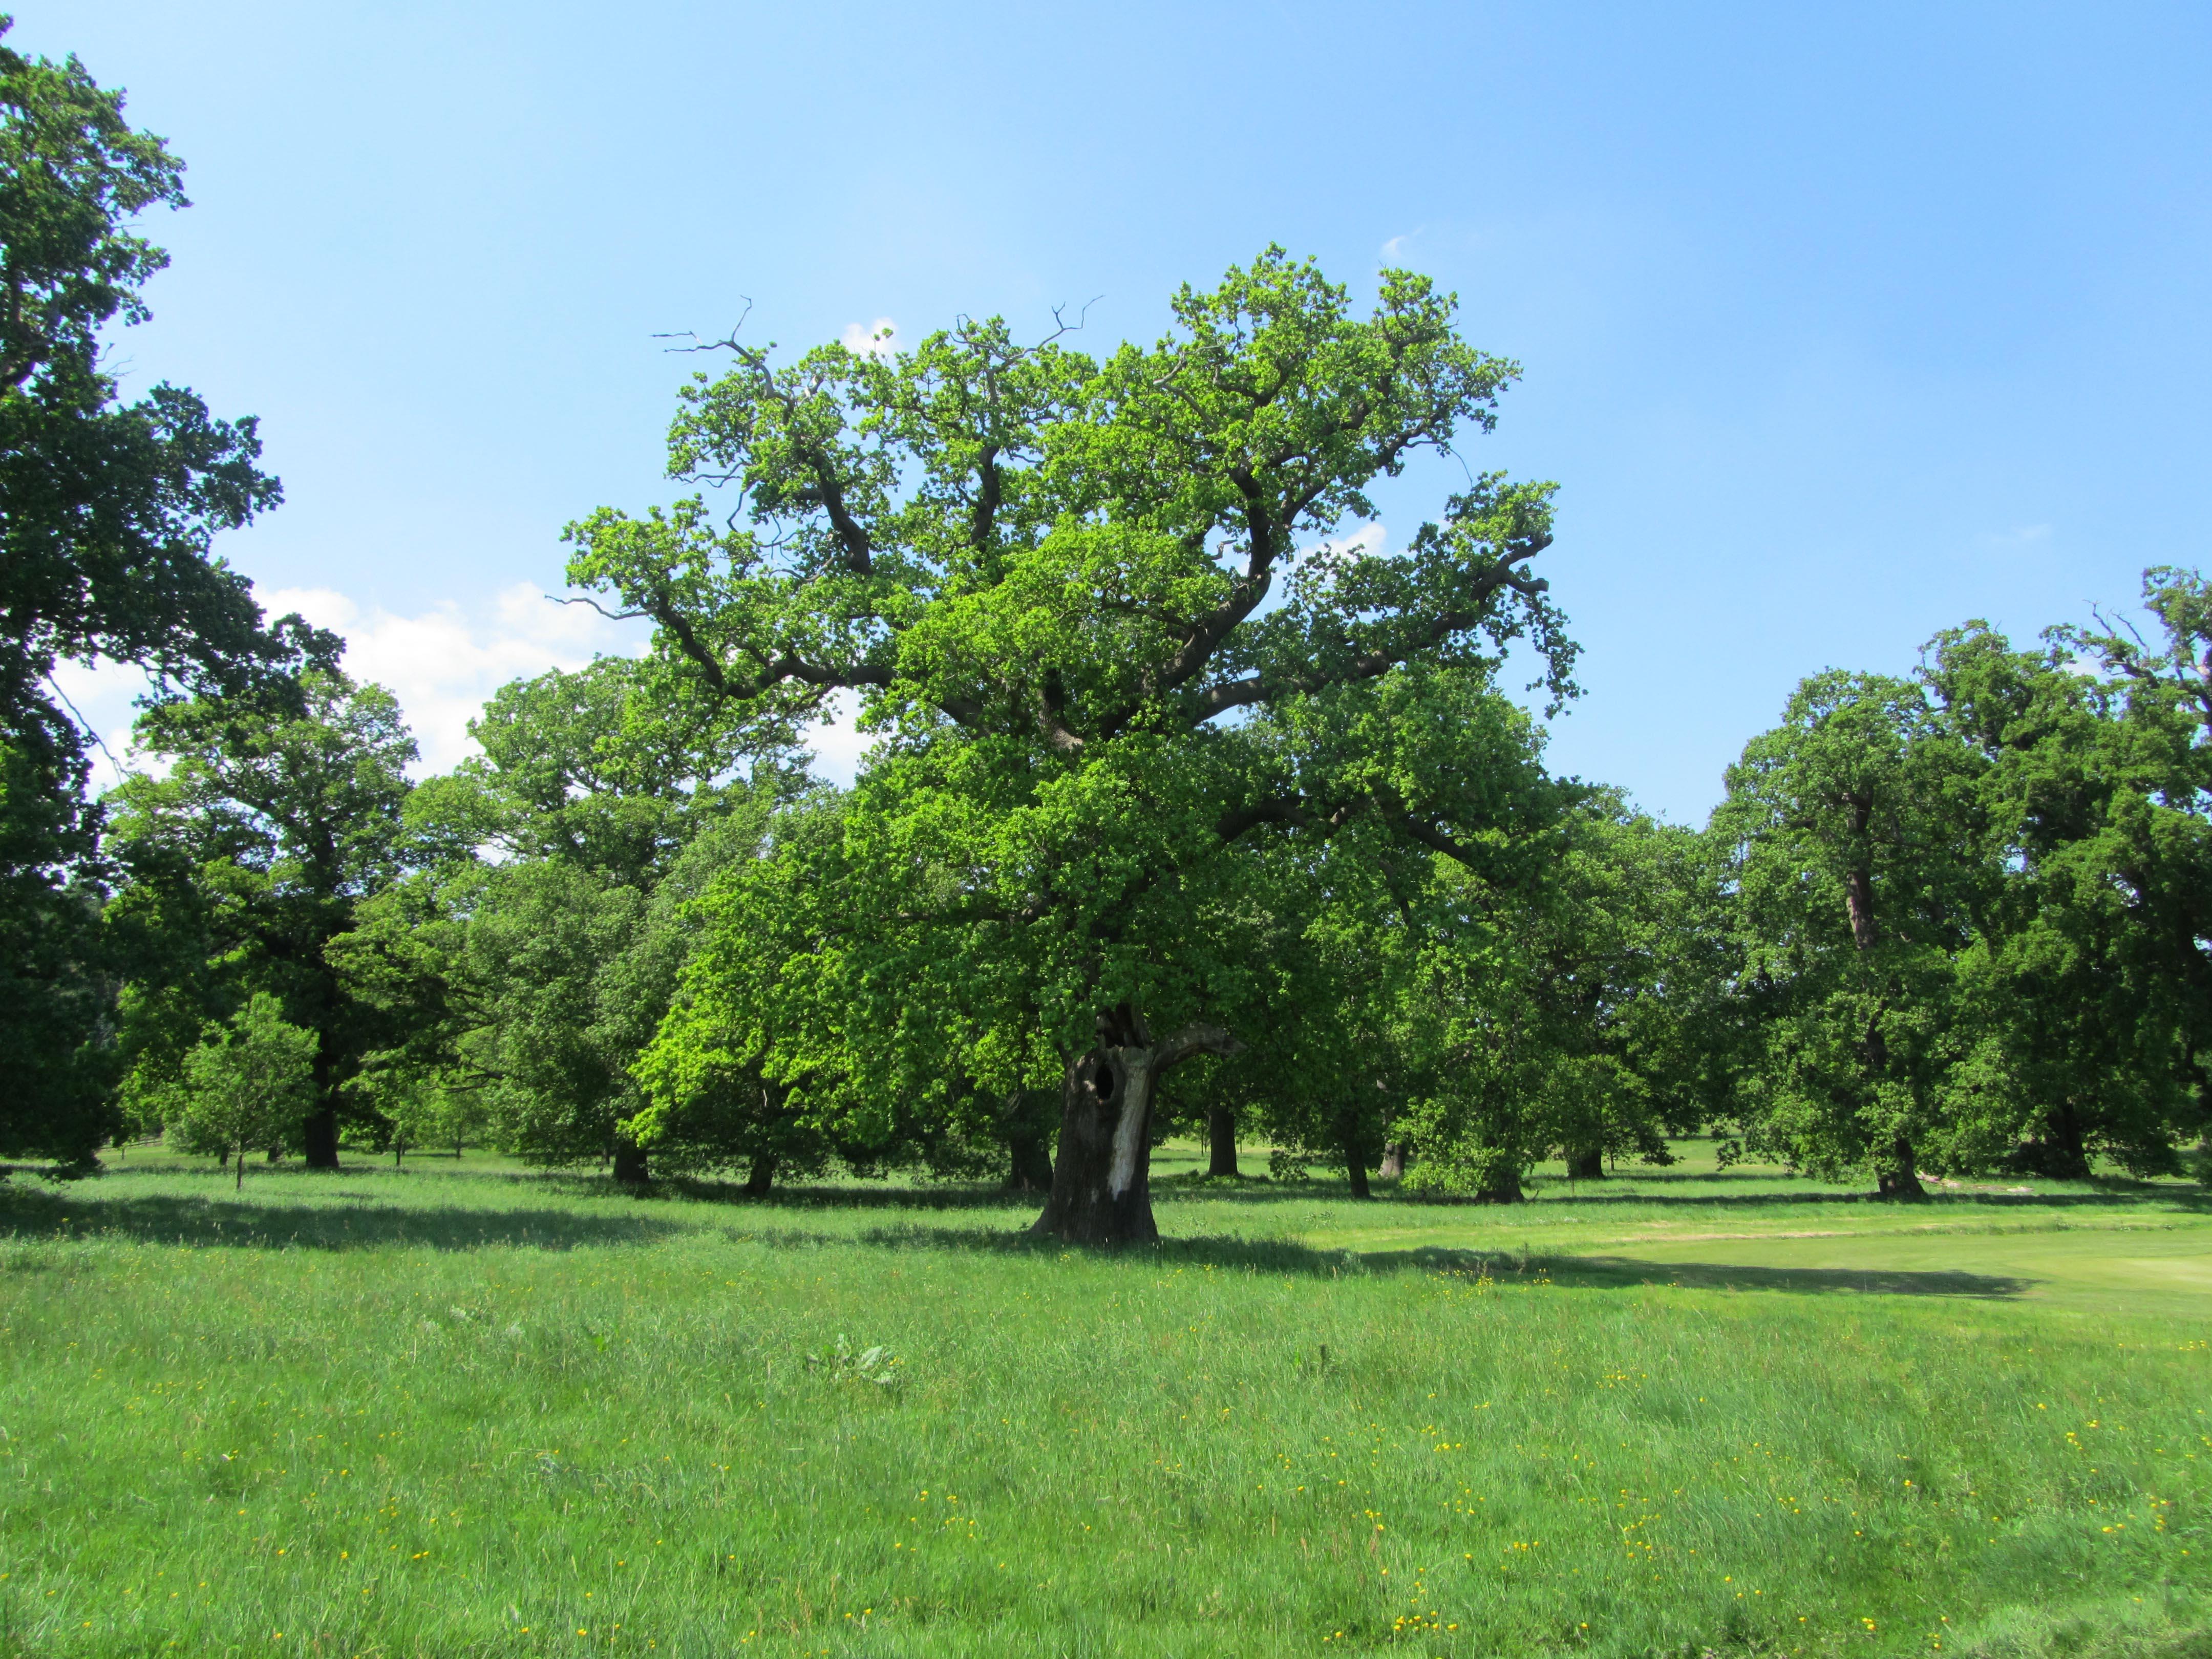 essay on park tree